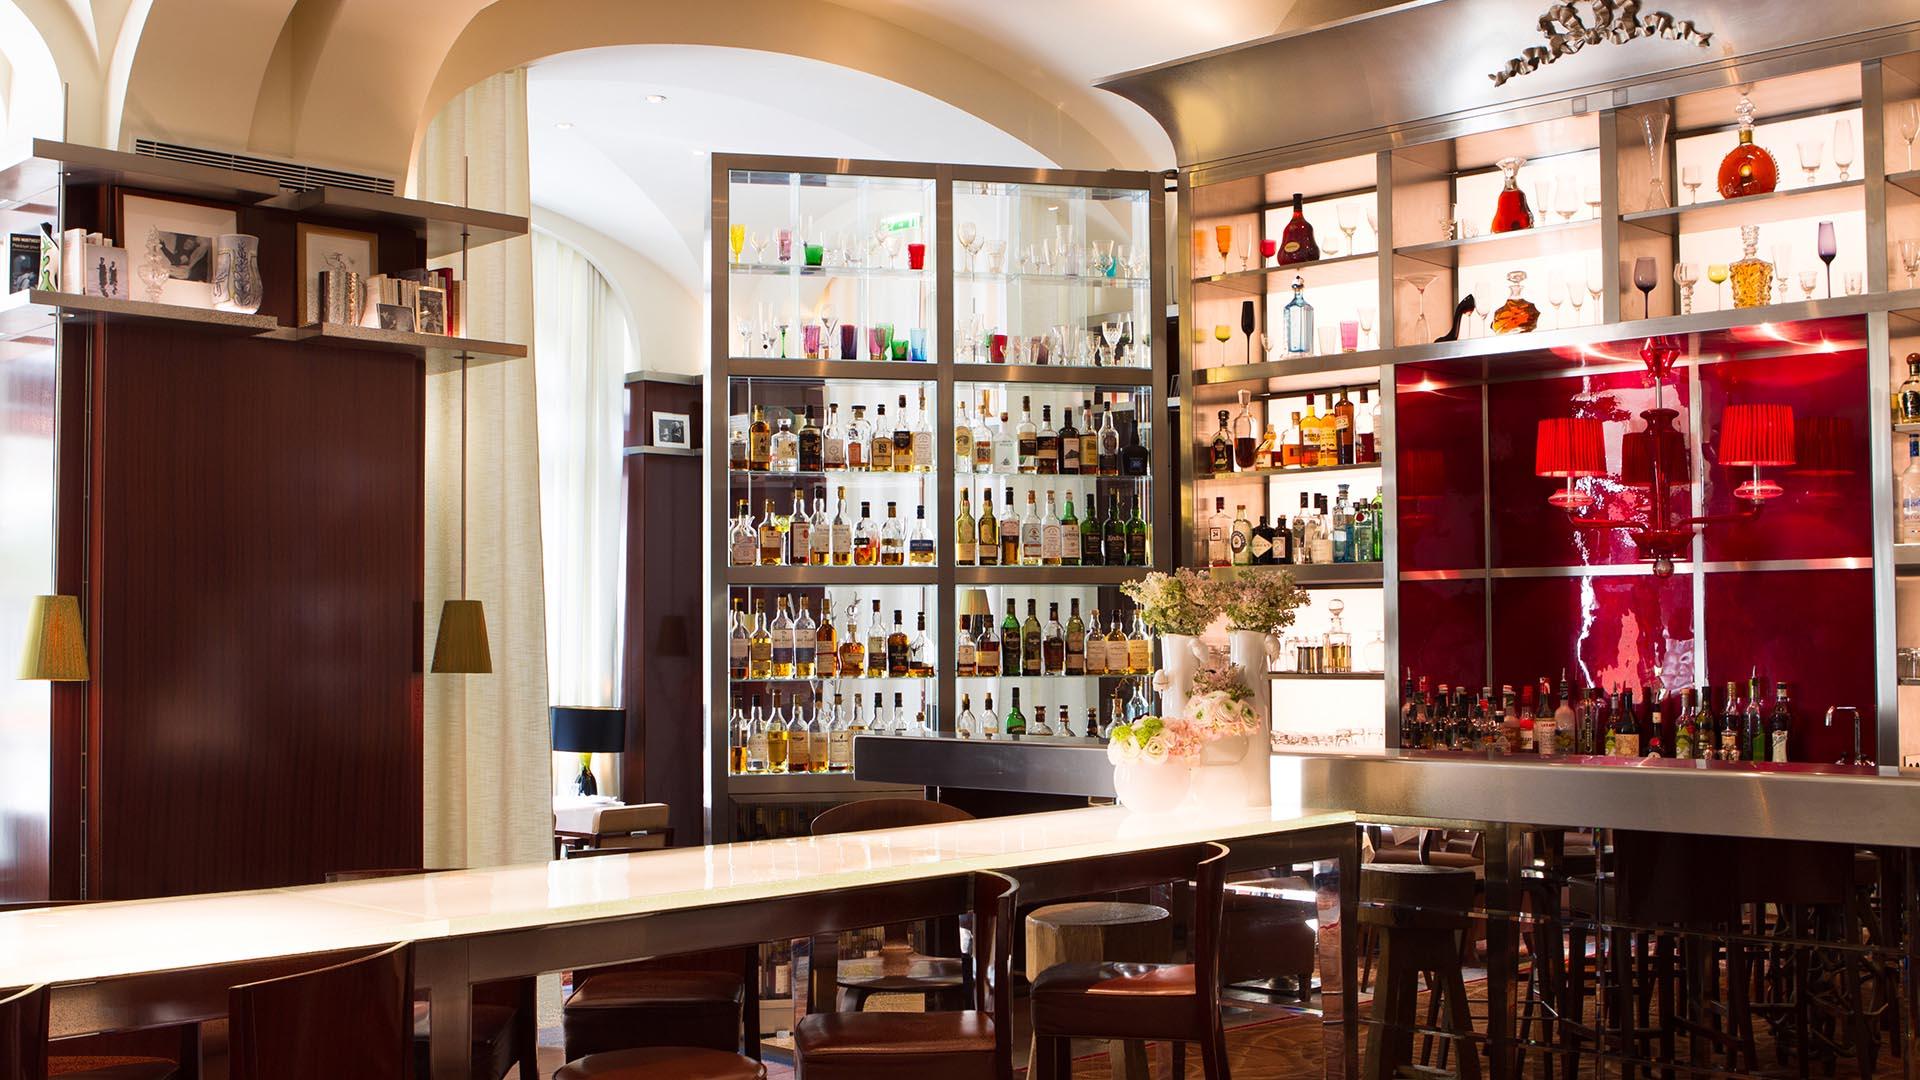 le bar long bar cocktail de l 39 h tel le royal monceau. Black Bedroom Furniture Sets. Home Design Ideas